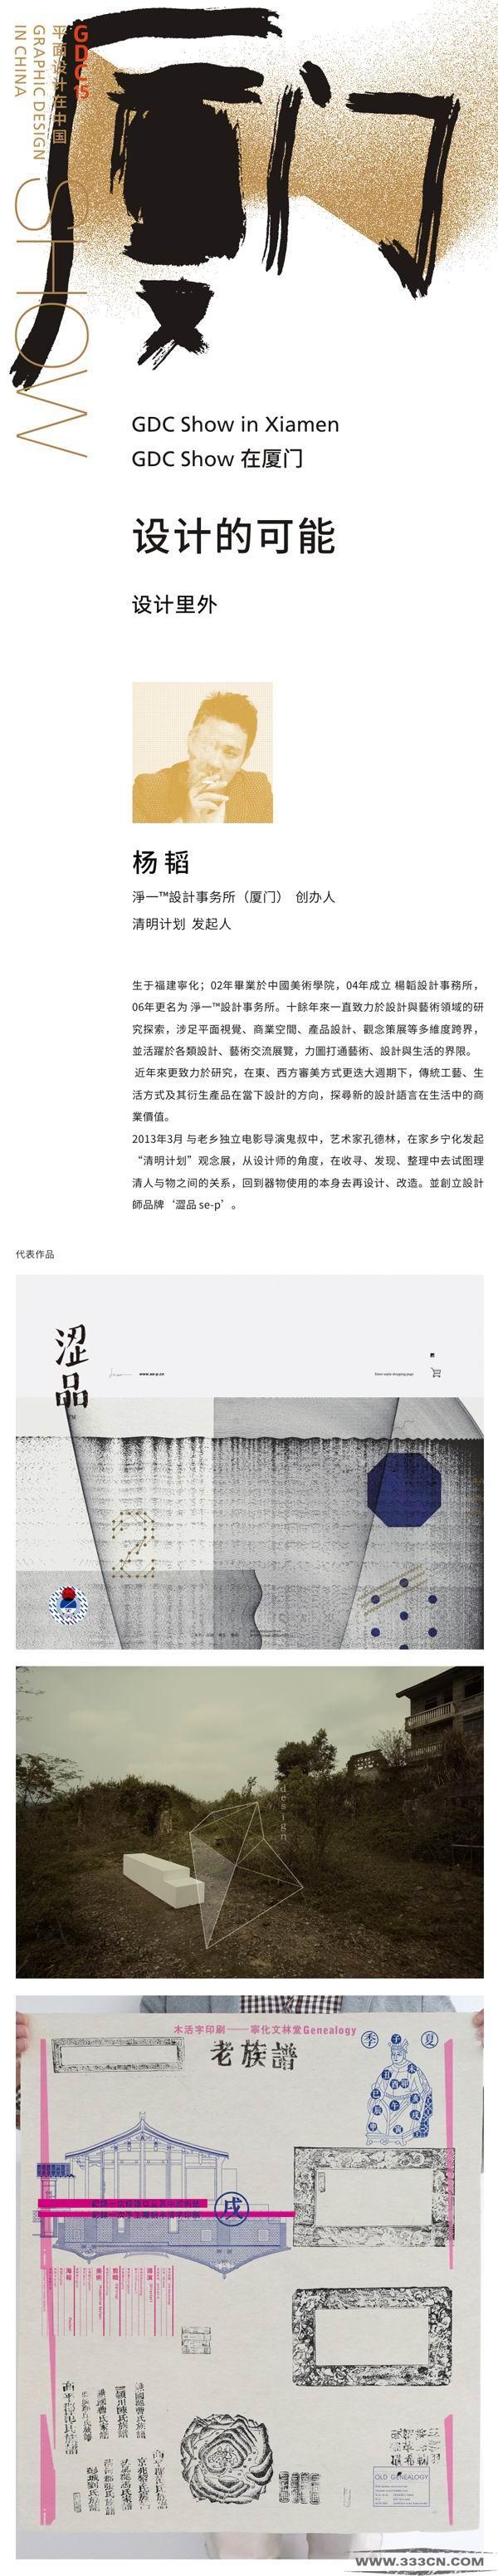 GDC Show 在厦门 设计的可能 平面设计在中国